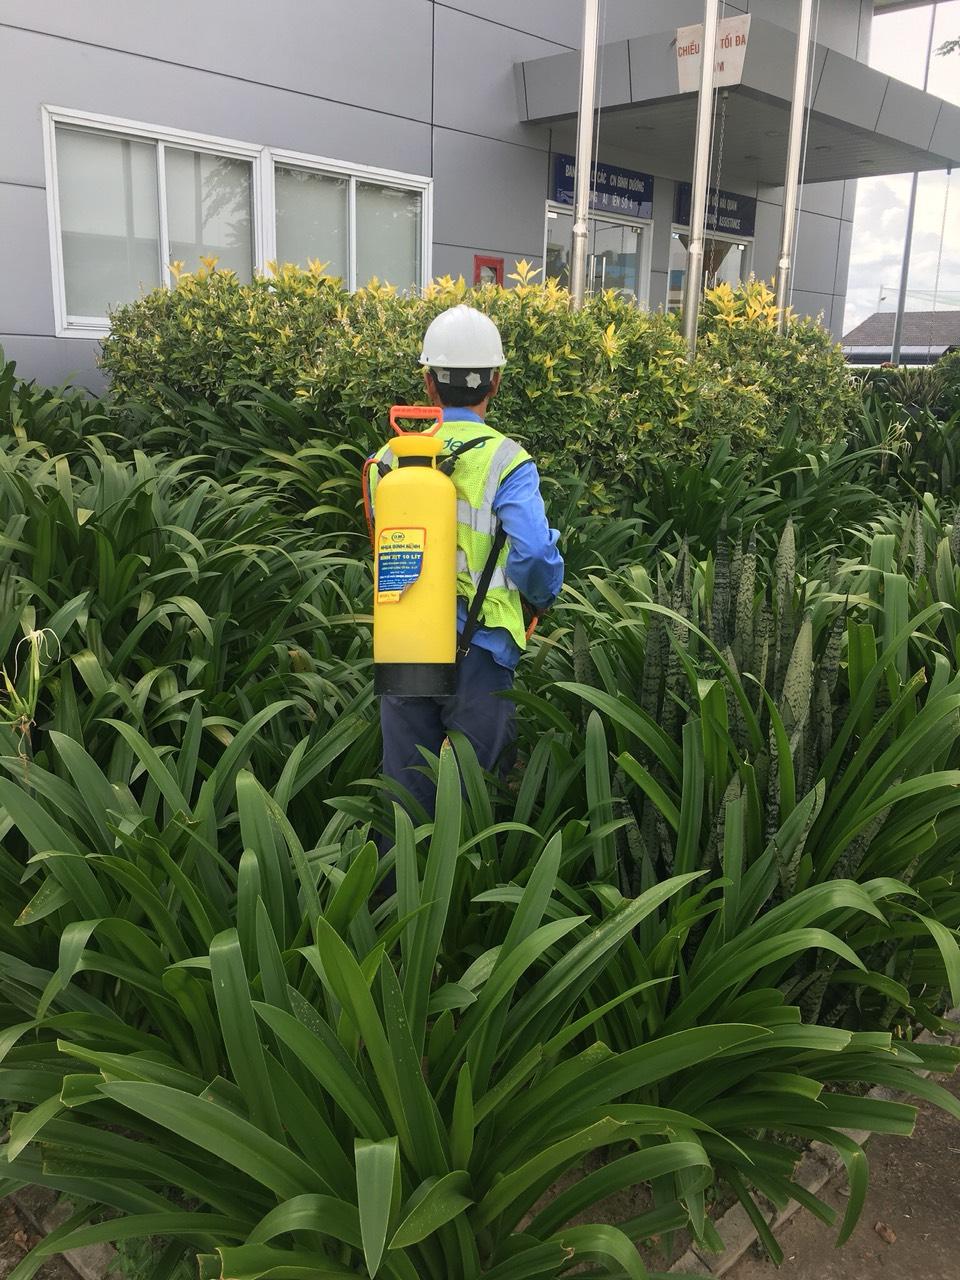 Chăm sóc cảnh quan xanh tại khu công nghiệp Bình Dương trọn gói.